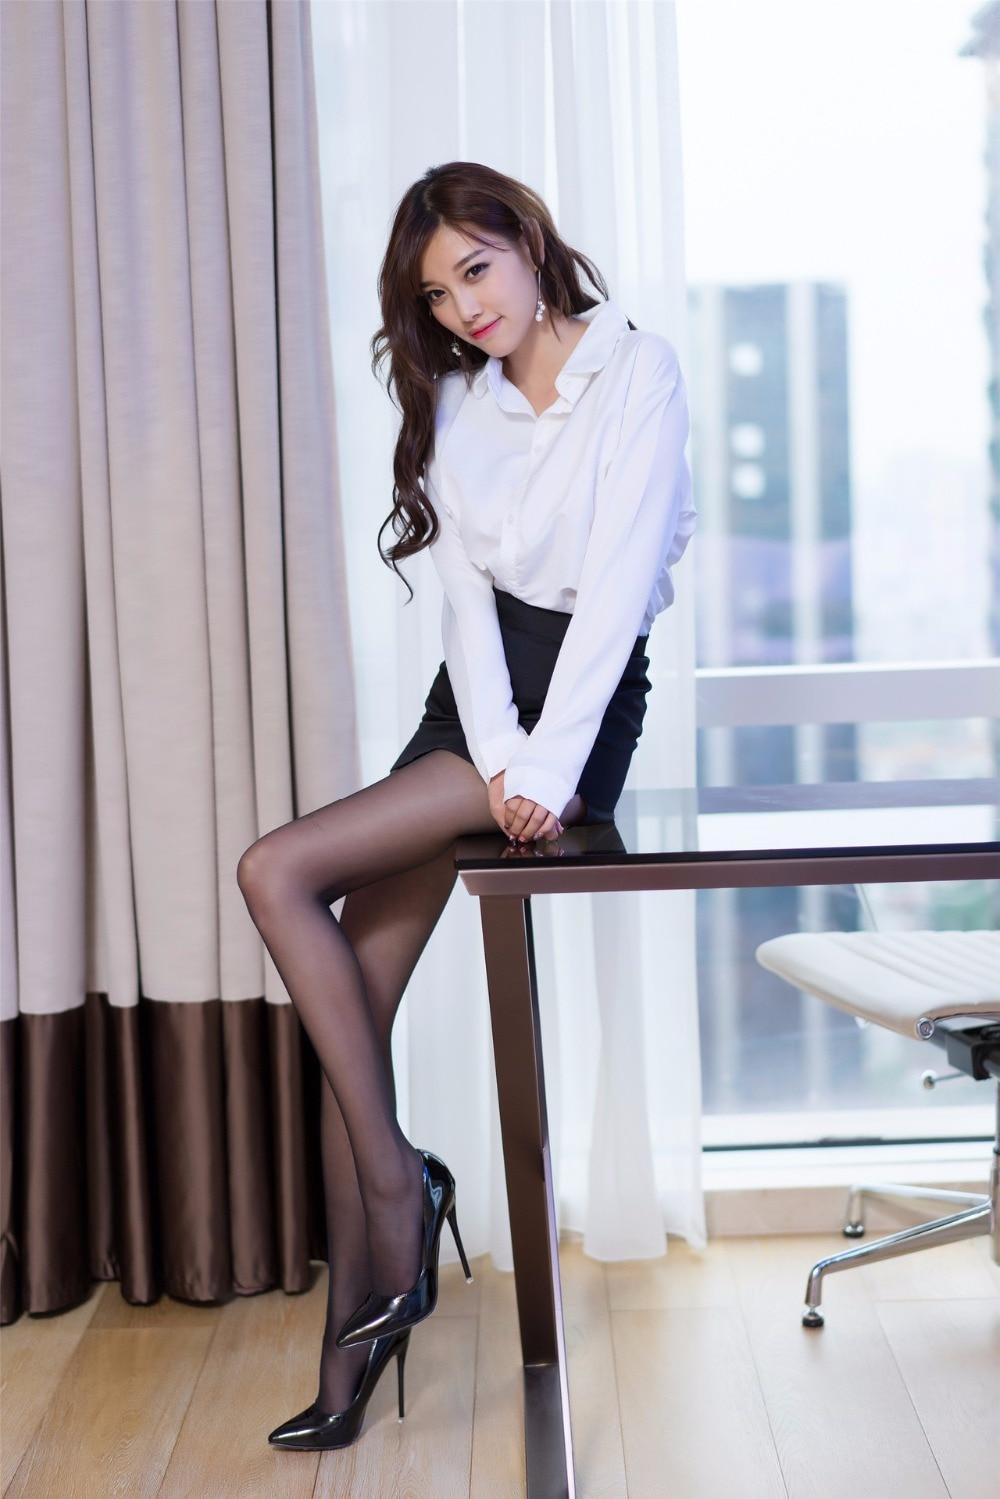 китаянки в кружевных мини юбки длинные ноги красиво - 8